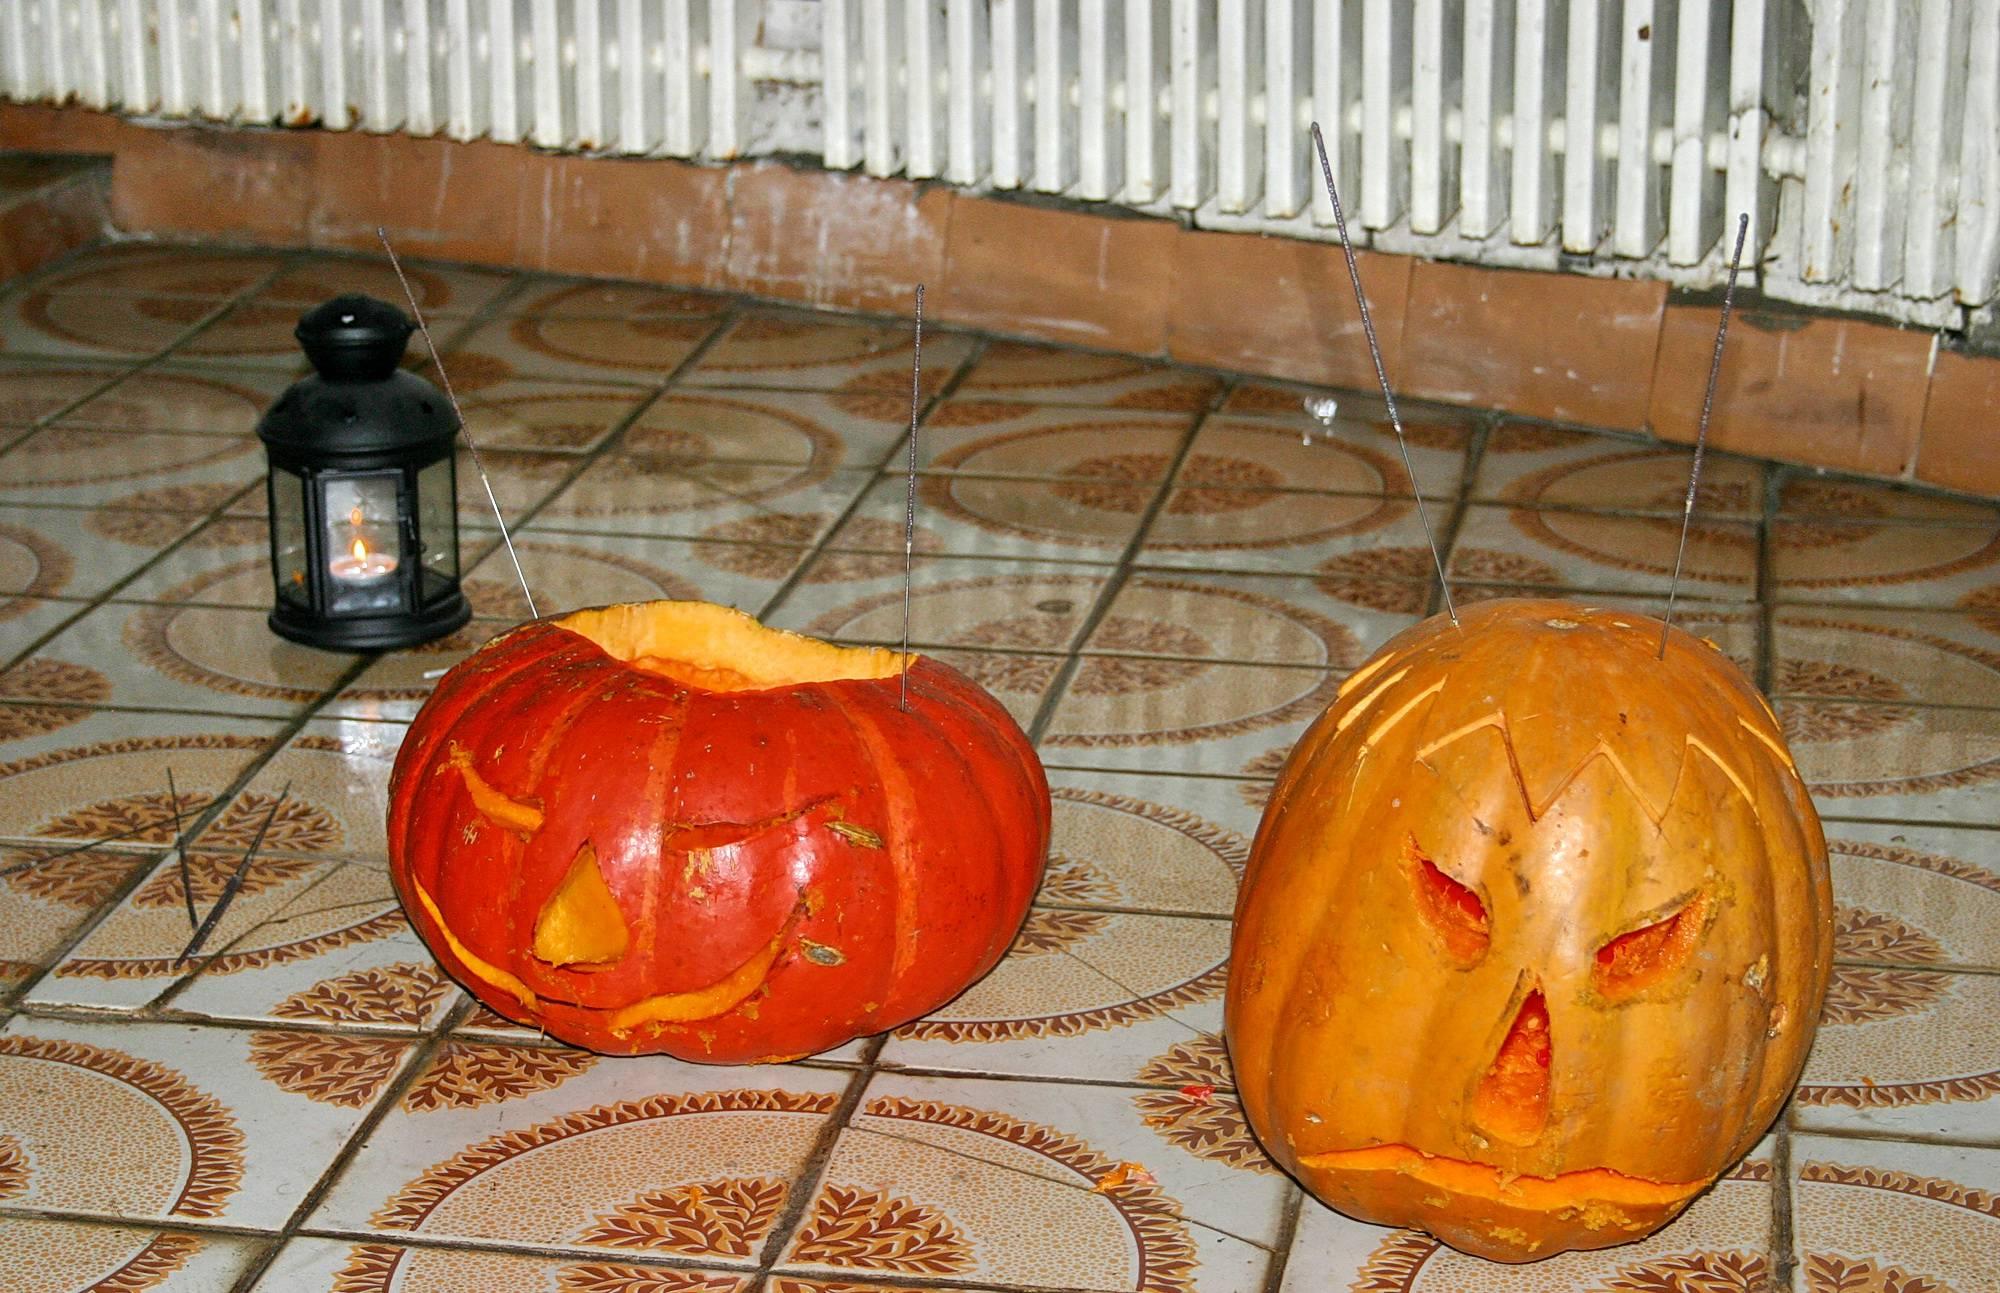 Nudist Pictures Halloween Boys Pumpkin - 1